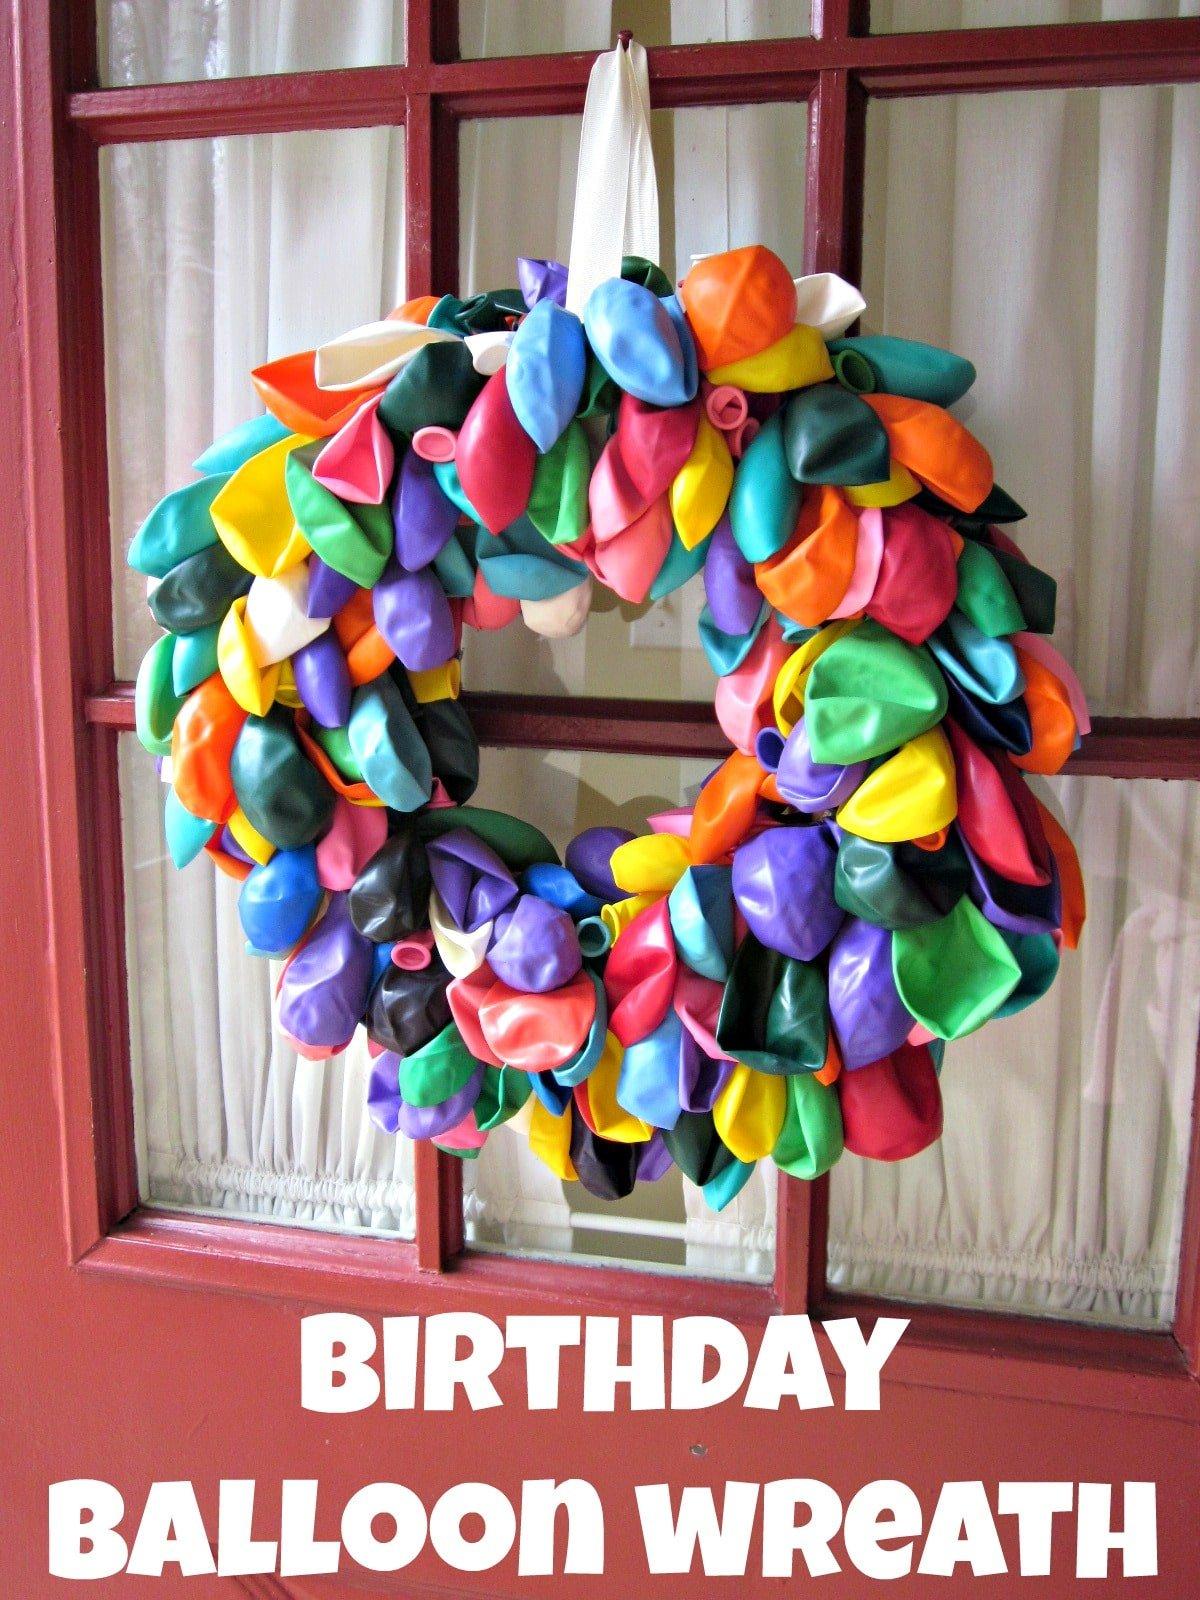 Birthday Balloon Wreath Moneywise Moms